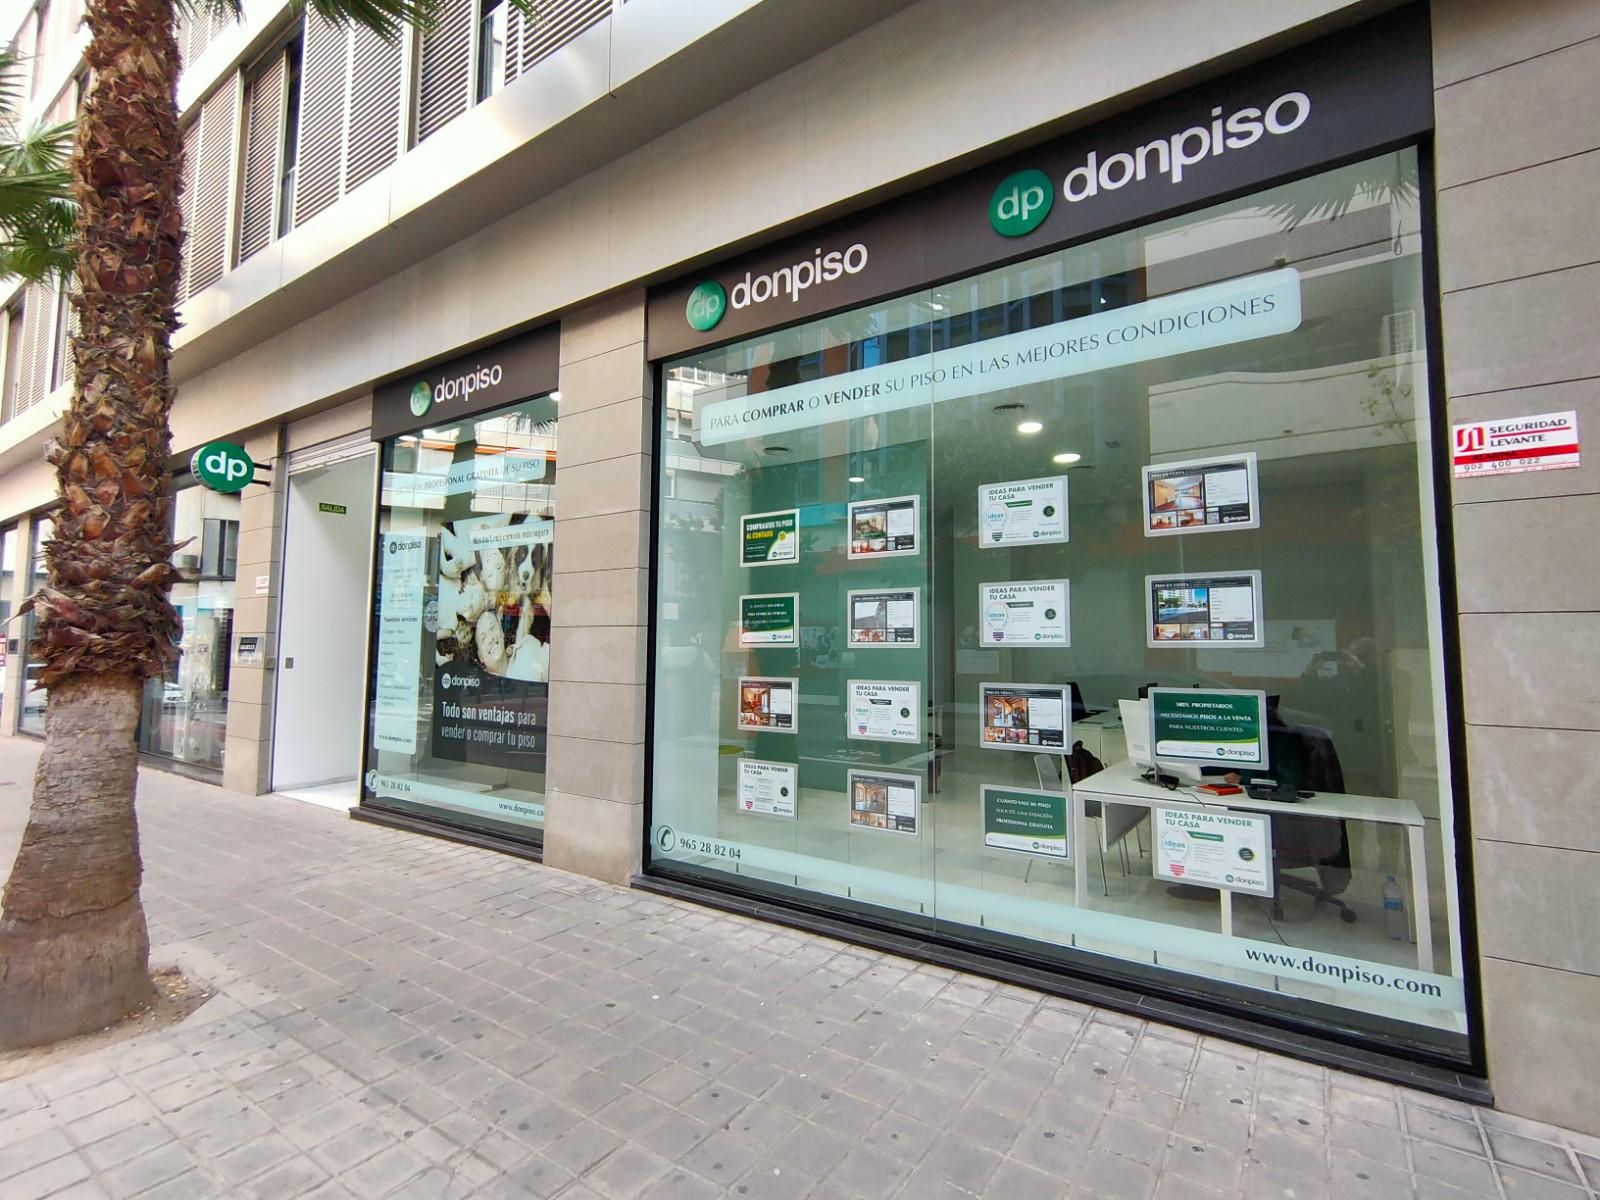 oficina donpiso Alicante Centro